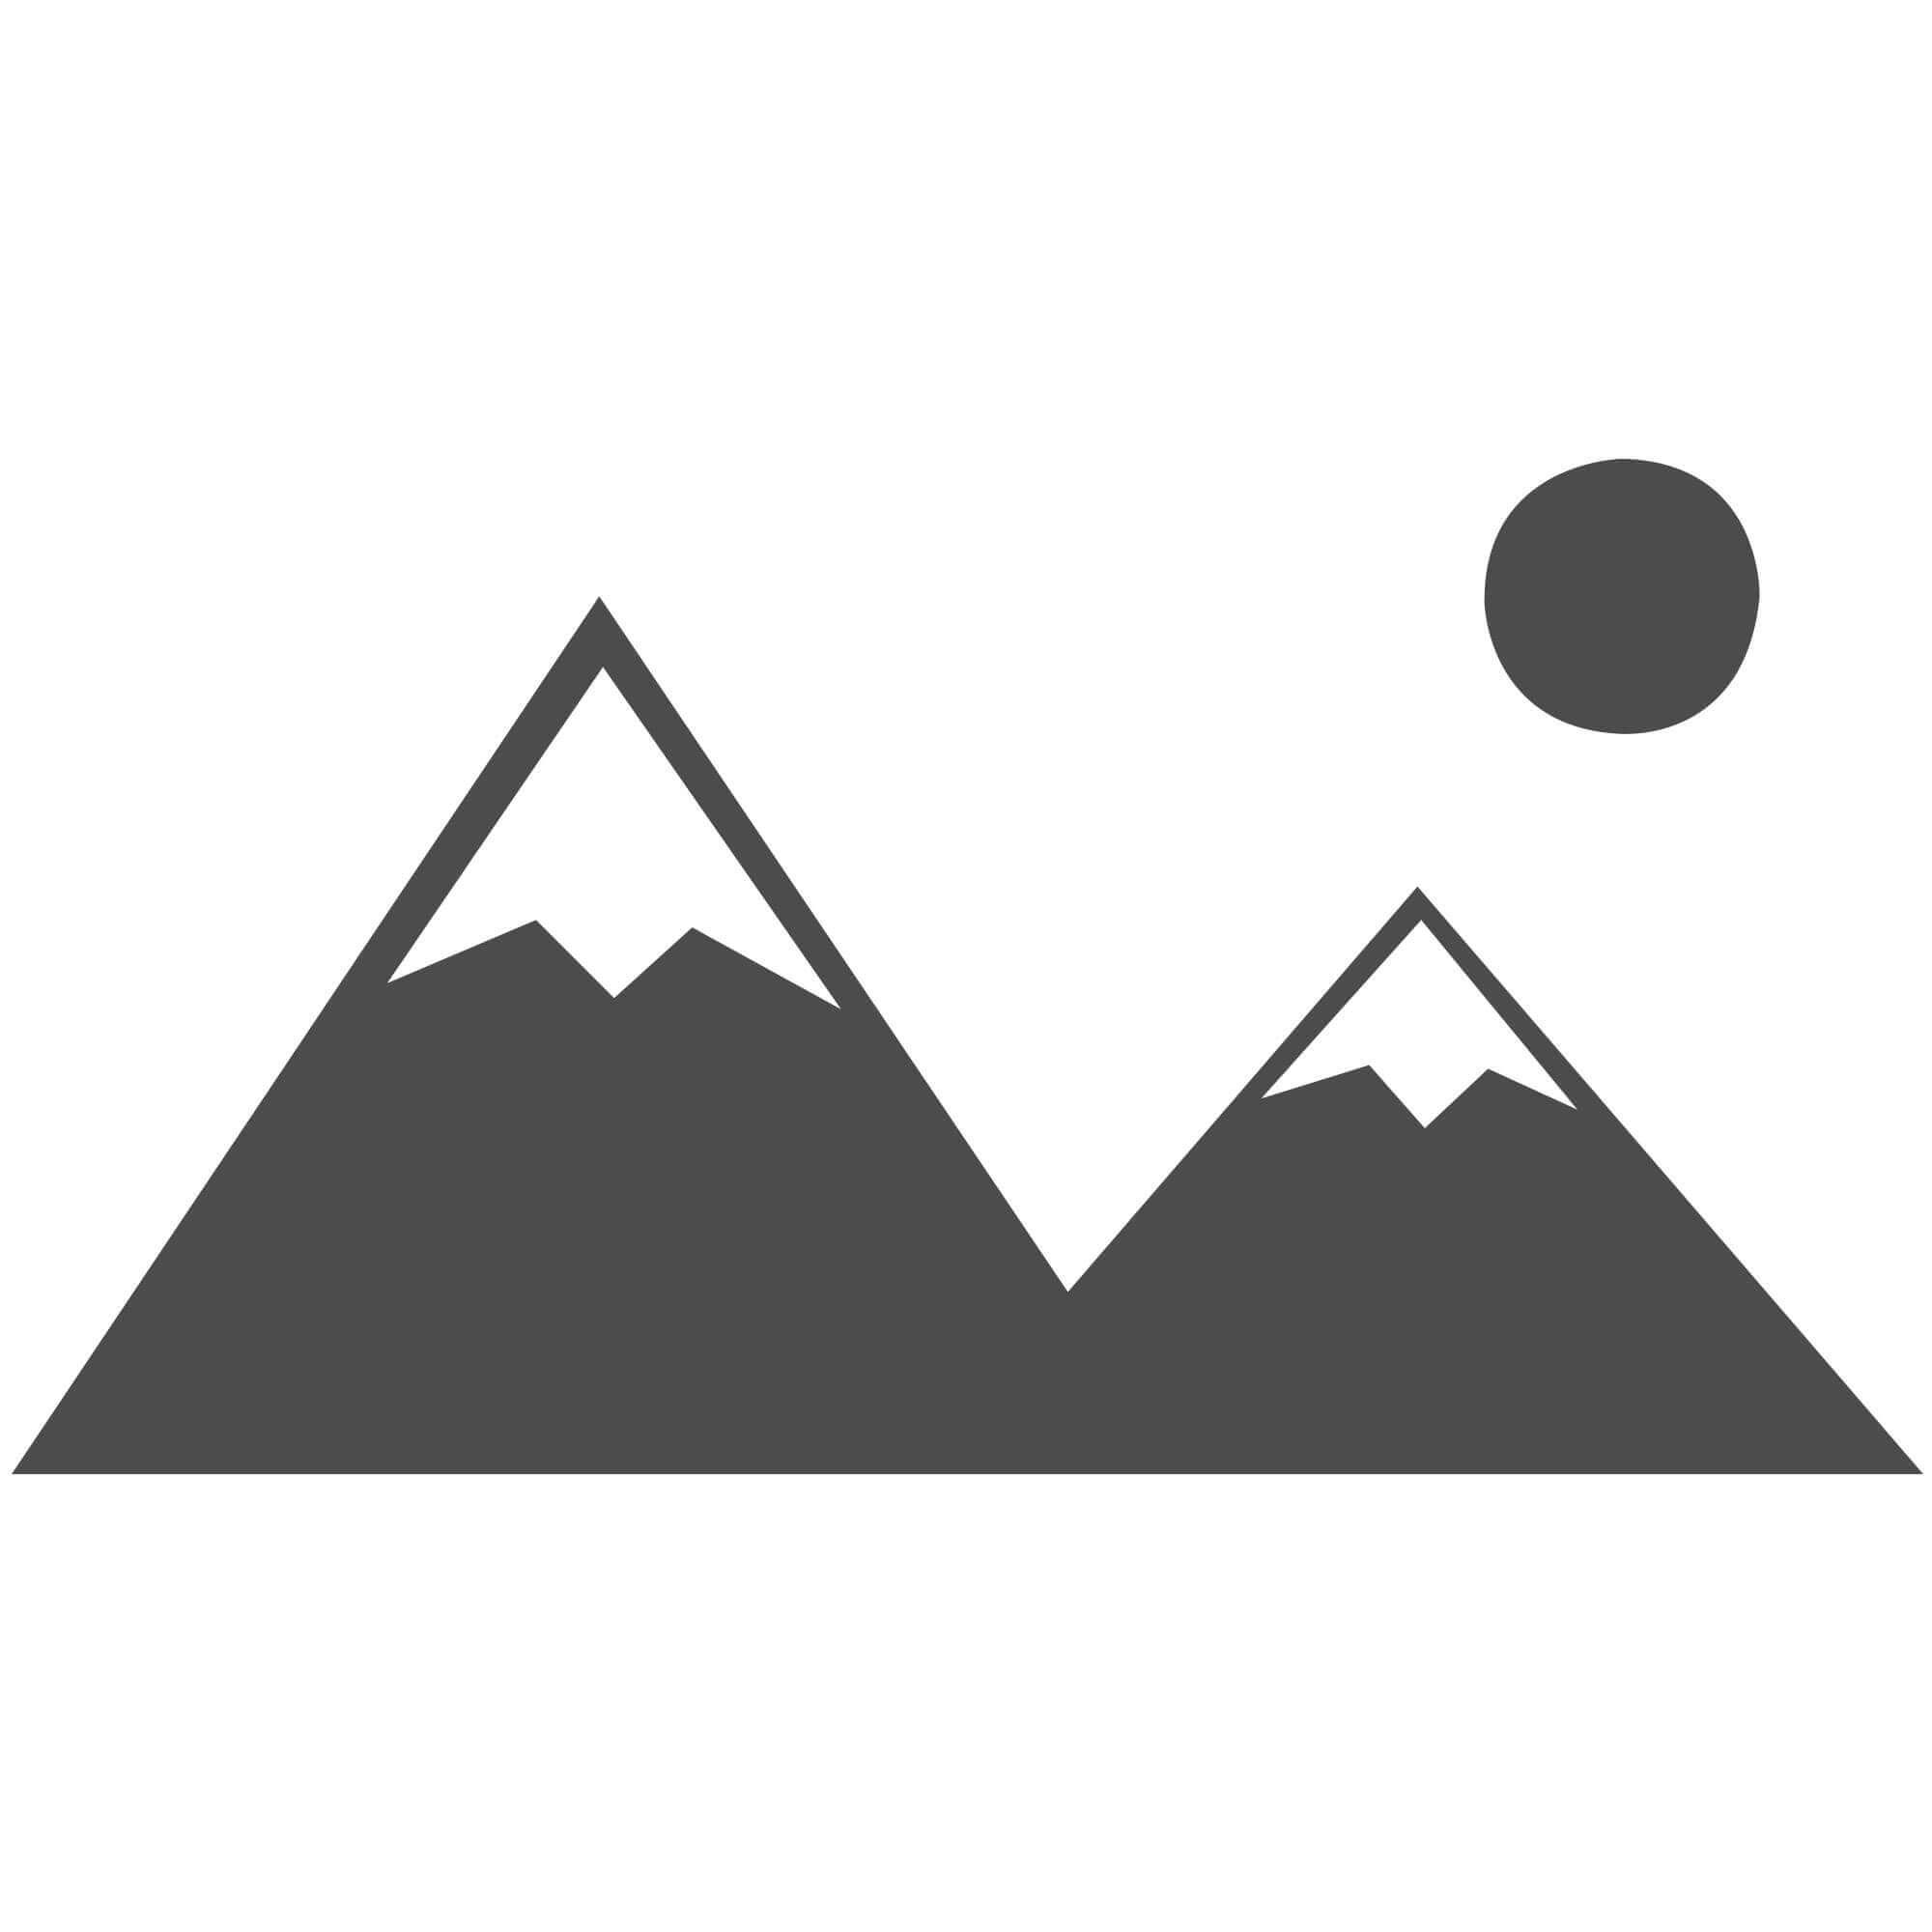 """Ziegler Traditional Persian Design Rug - 8788 Beige-280 x 380 cm (9'2"""" x 12'5"""")"""